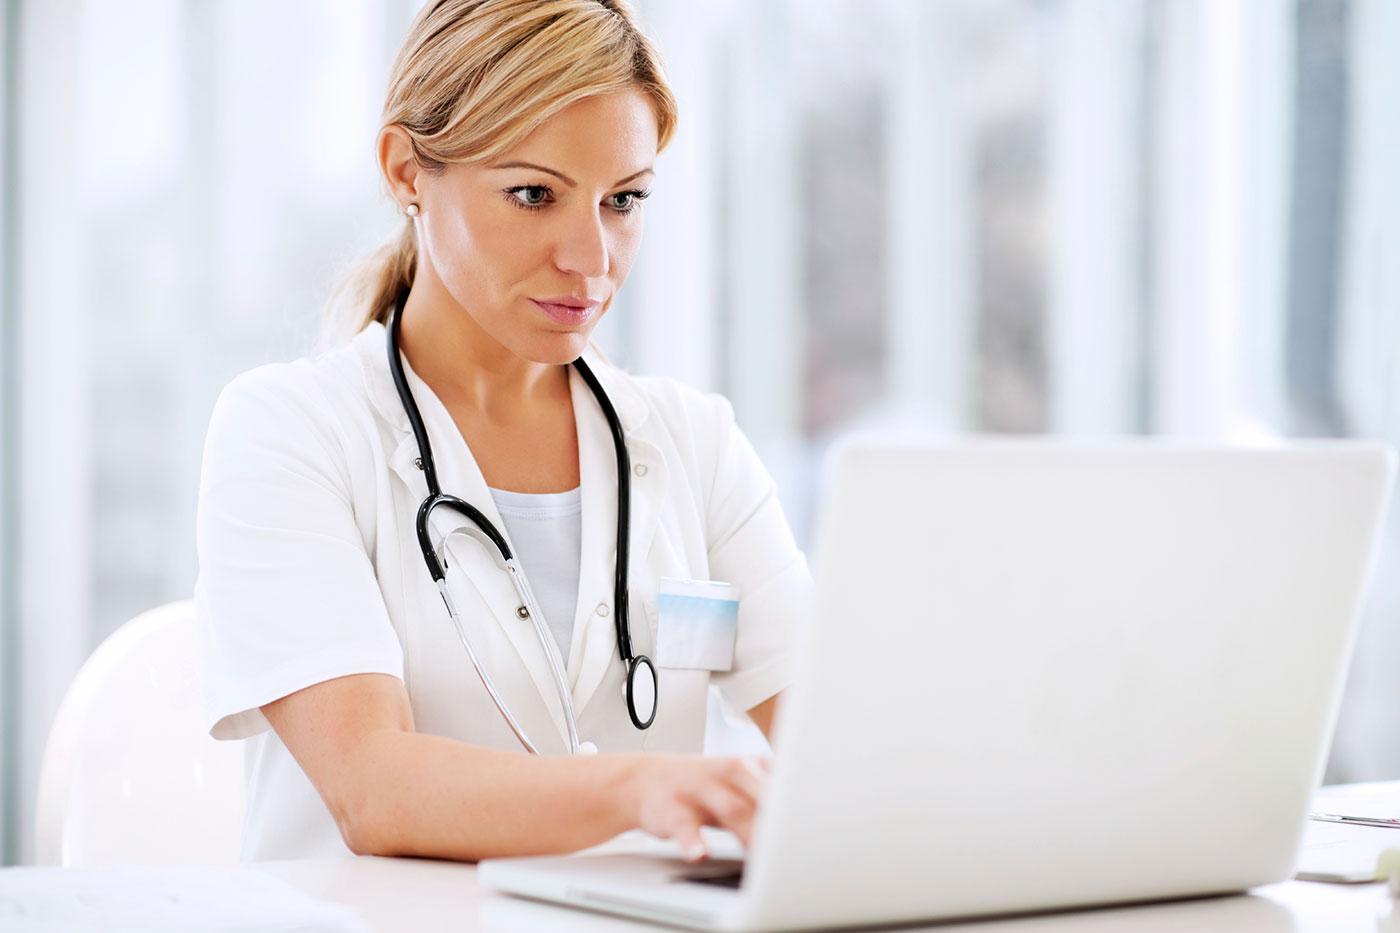 Doctor taking survey